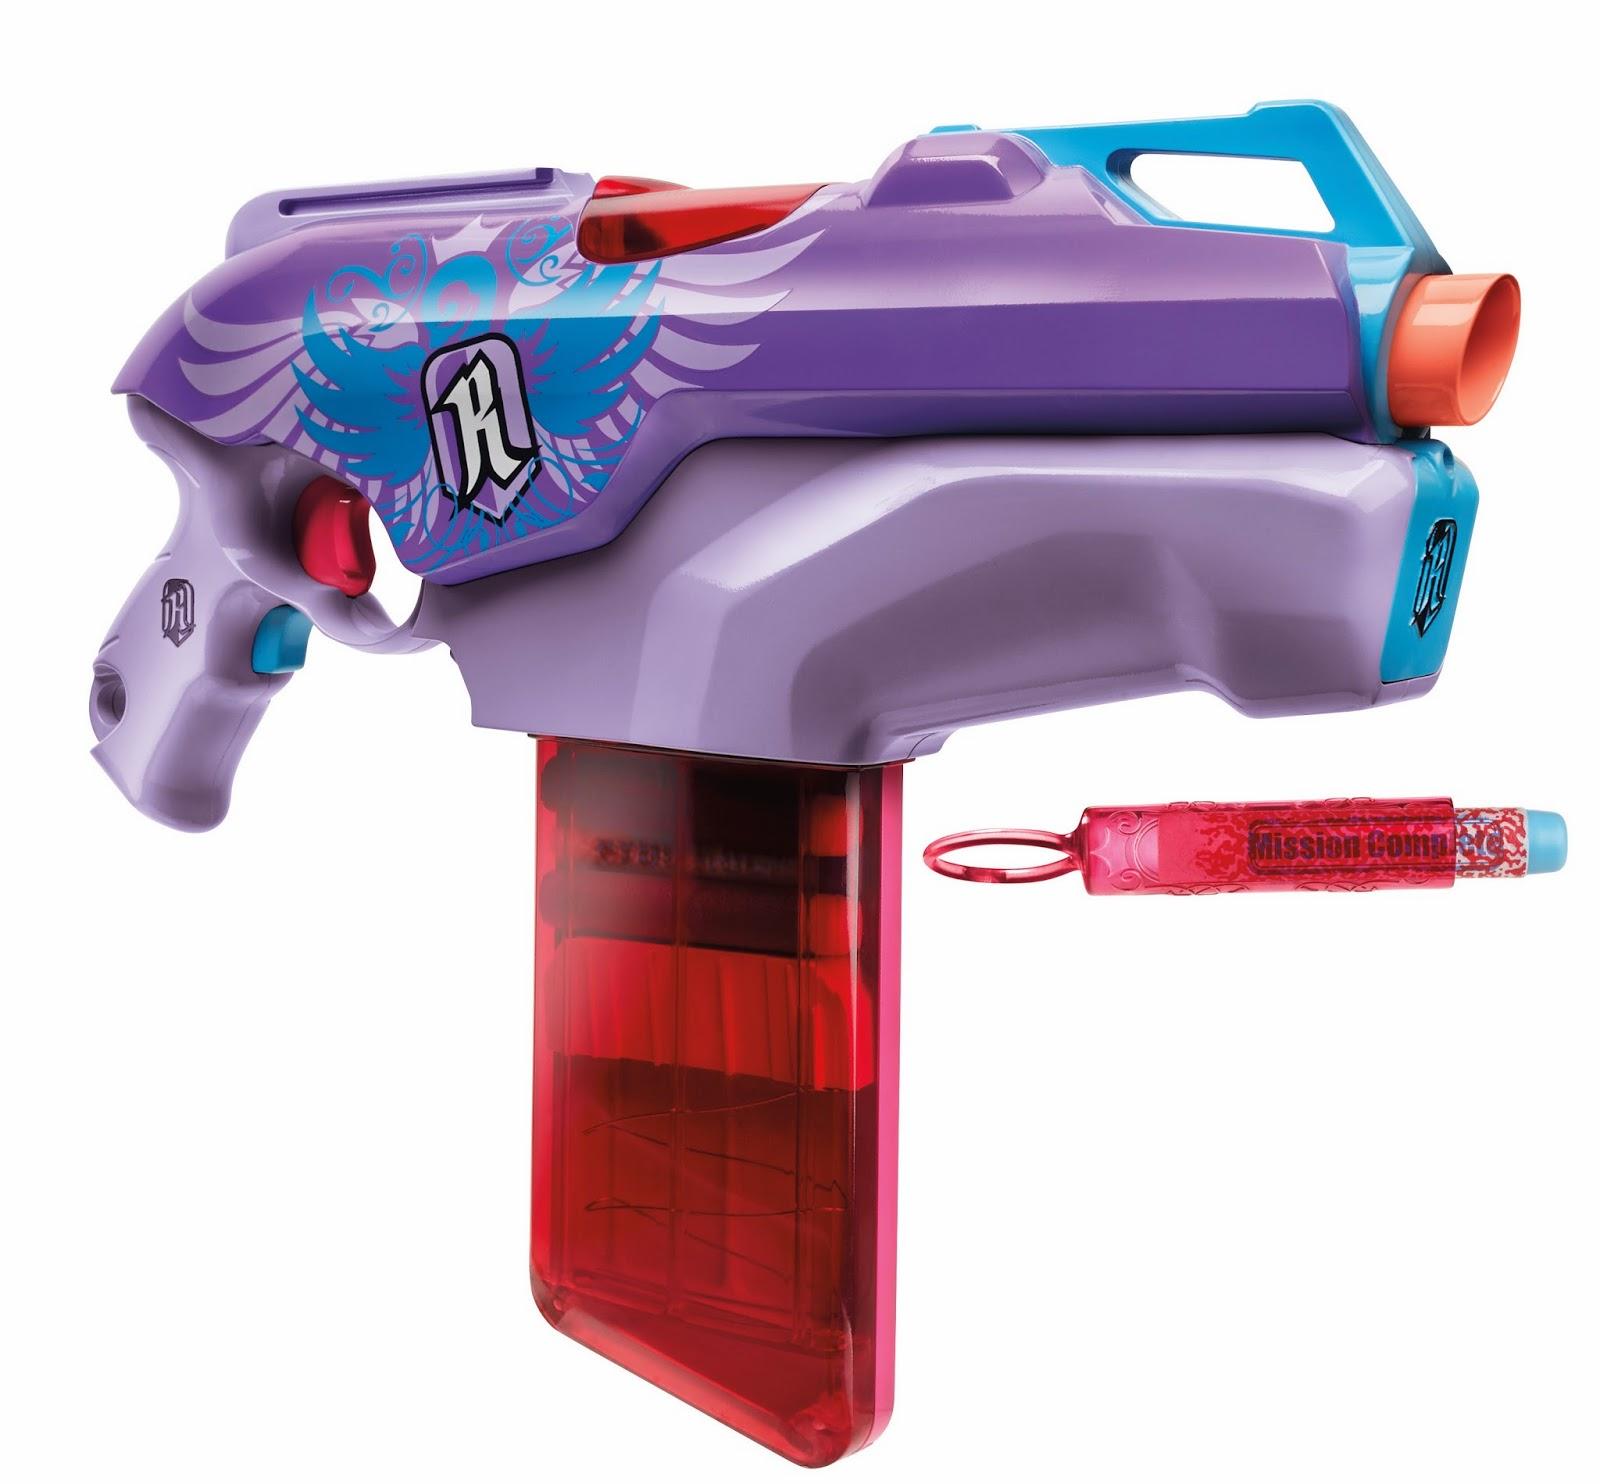 Nerf new york toy fair nerf rebelle for Nerf motorized rapid fire blasting